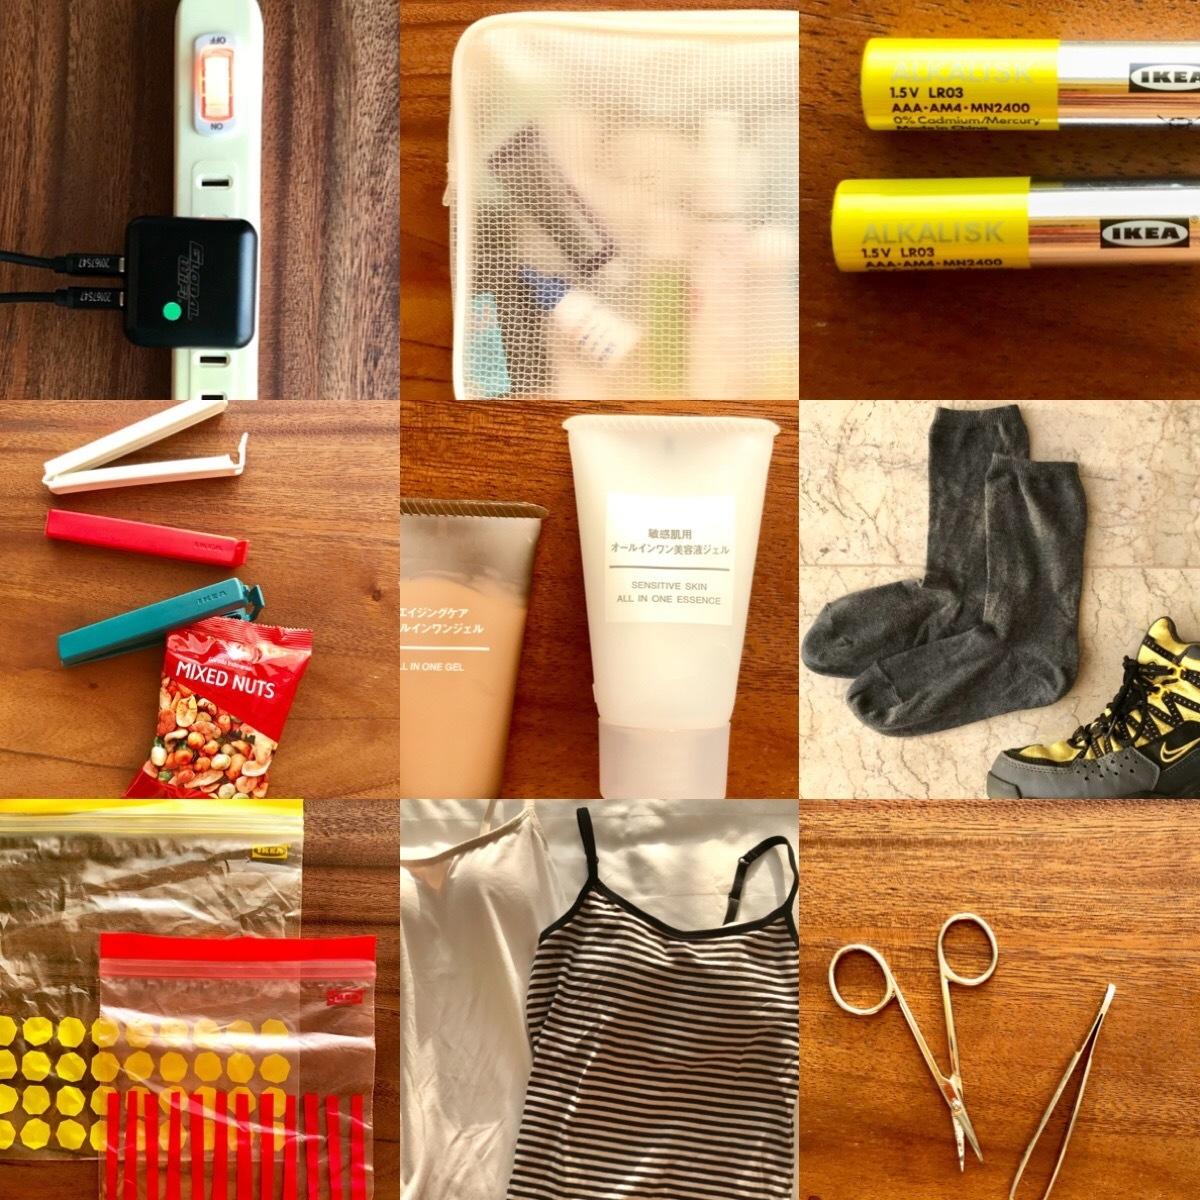 海外旅行まで一緒♡【無印・ニトリ・ユニクロ・IKEA・しまむら・GU】プロのお気に入り名品17選